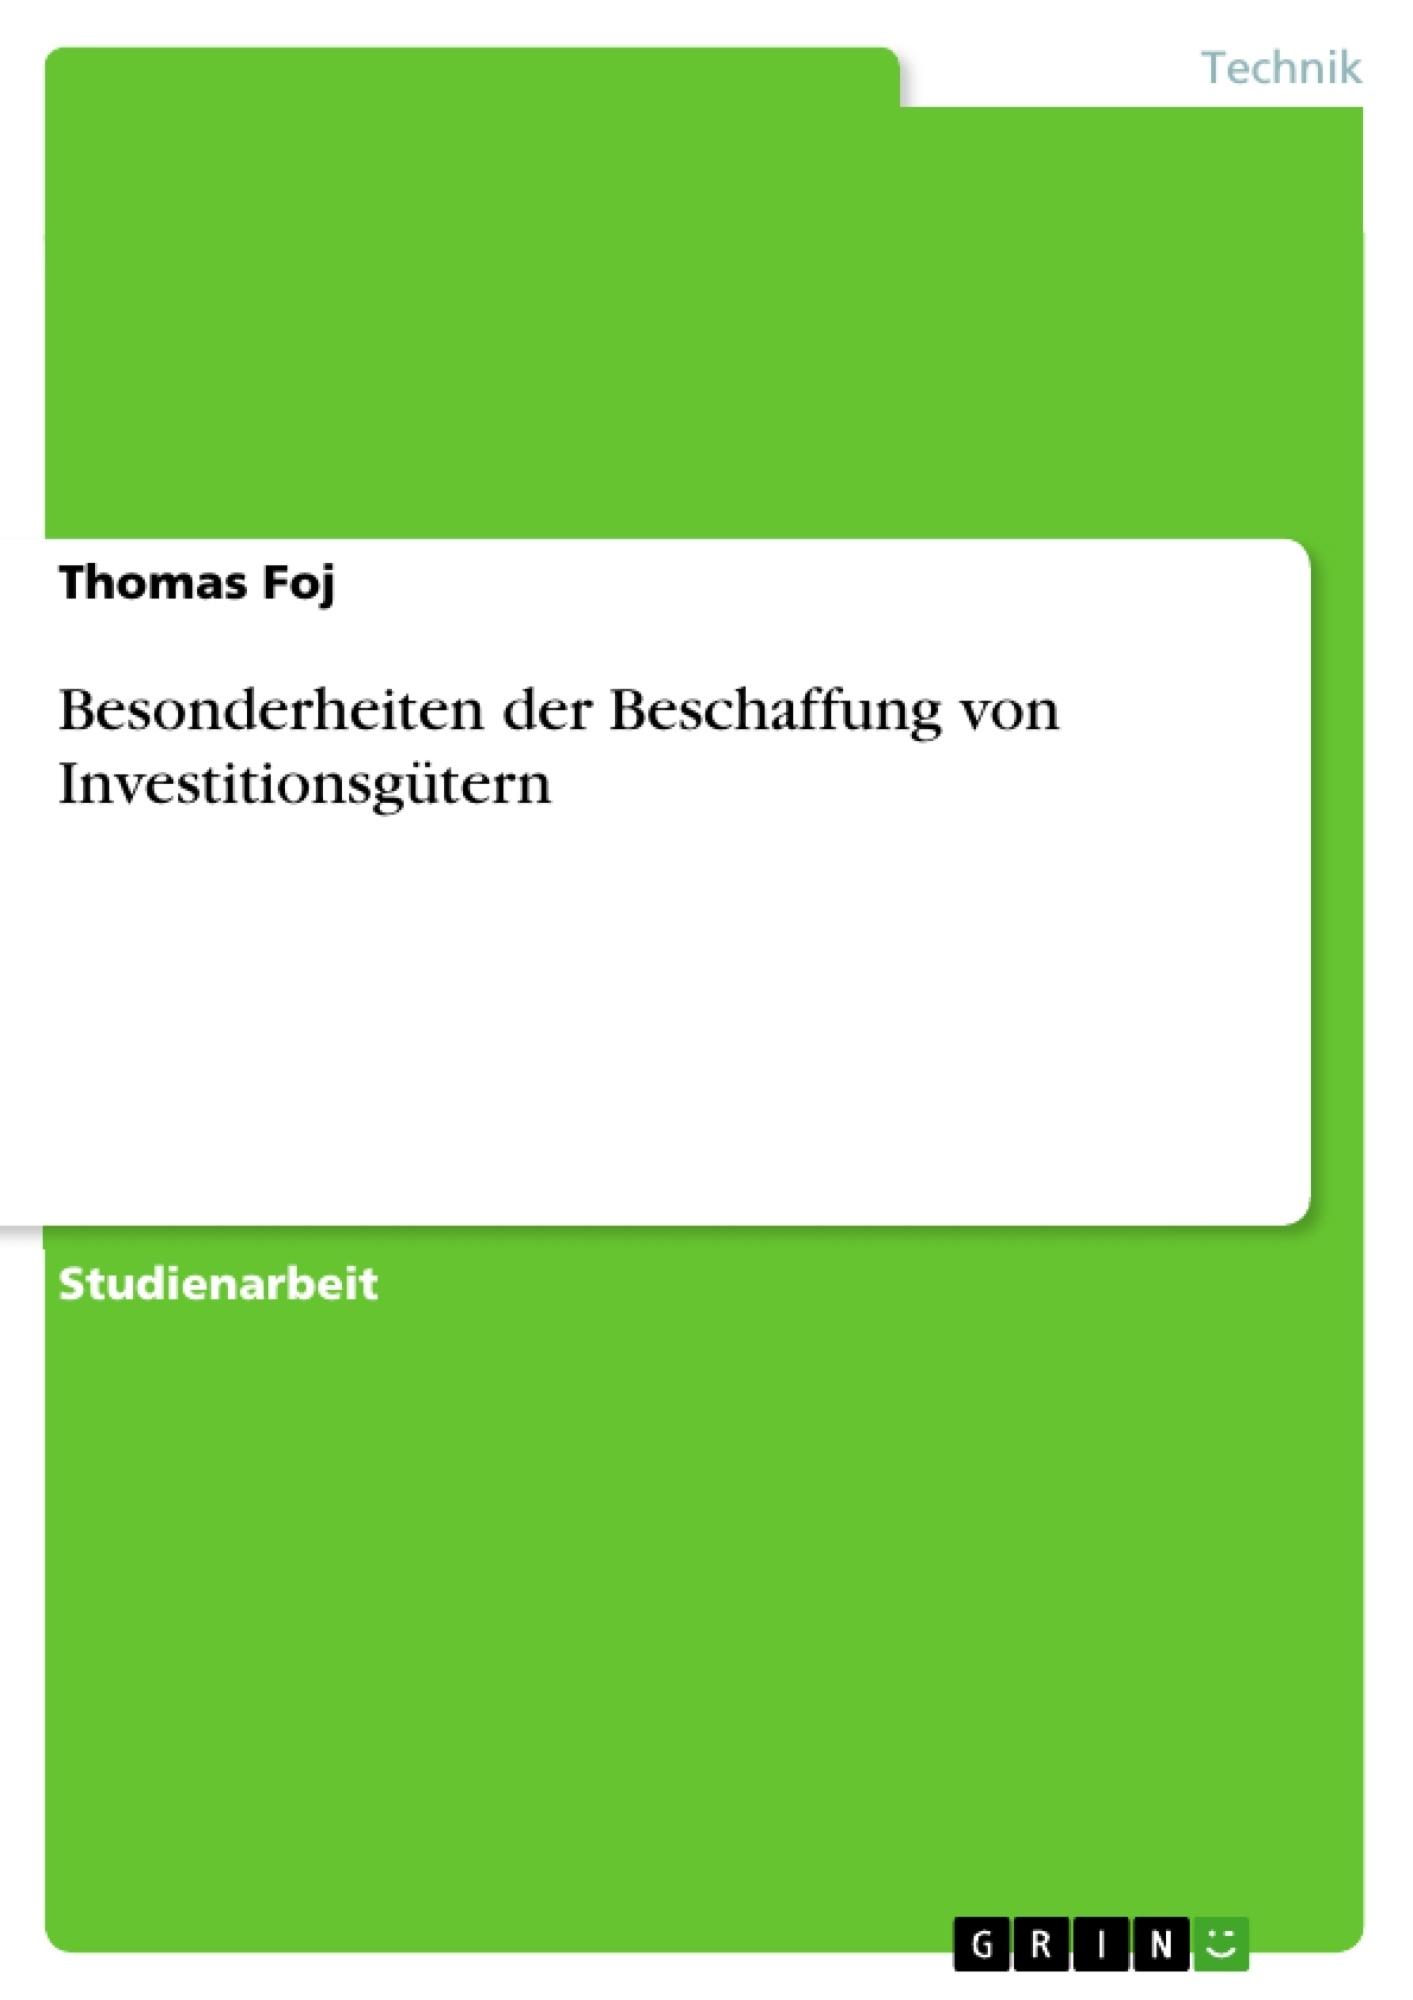 Titel: Besonderheiten der Beschaffung von Investitionsgütern